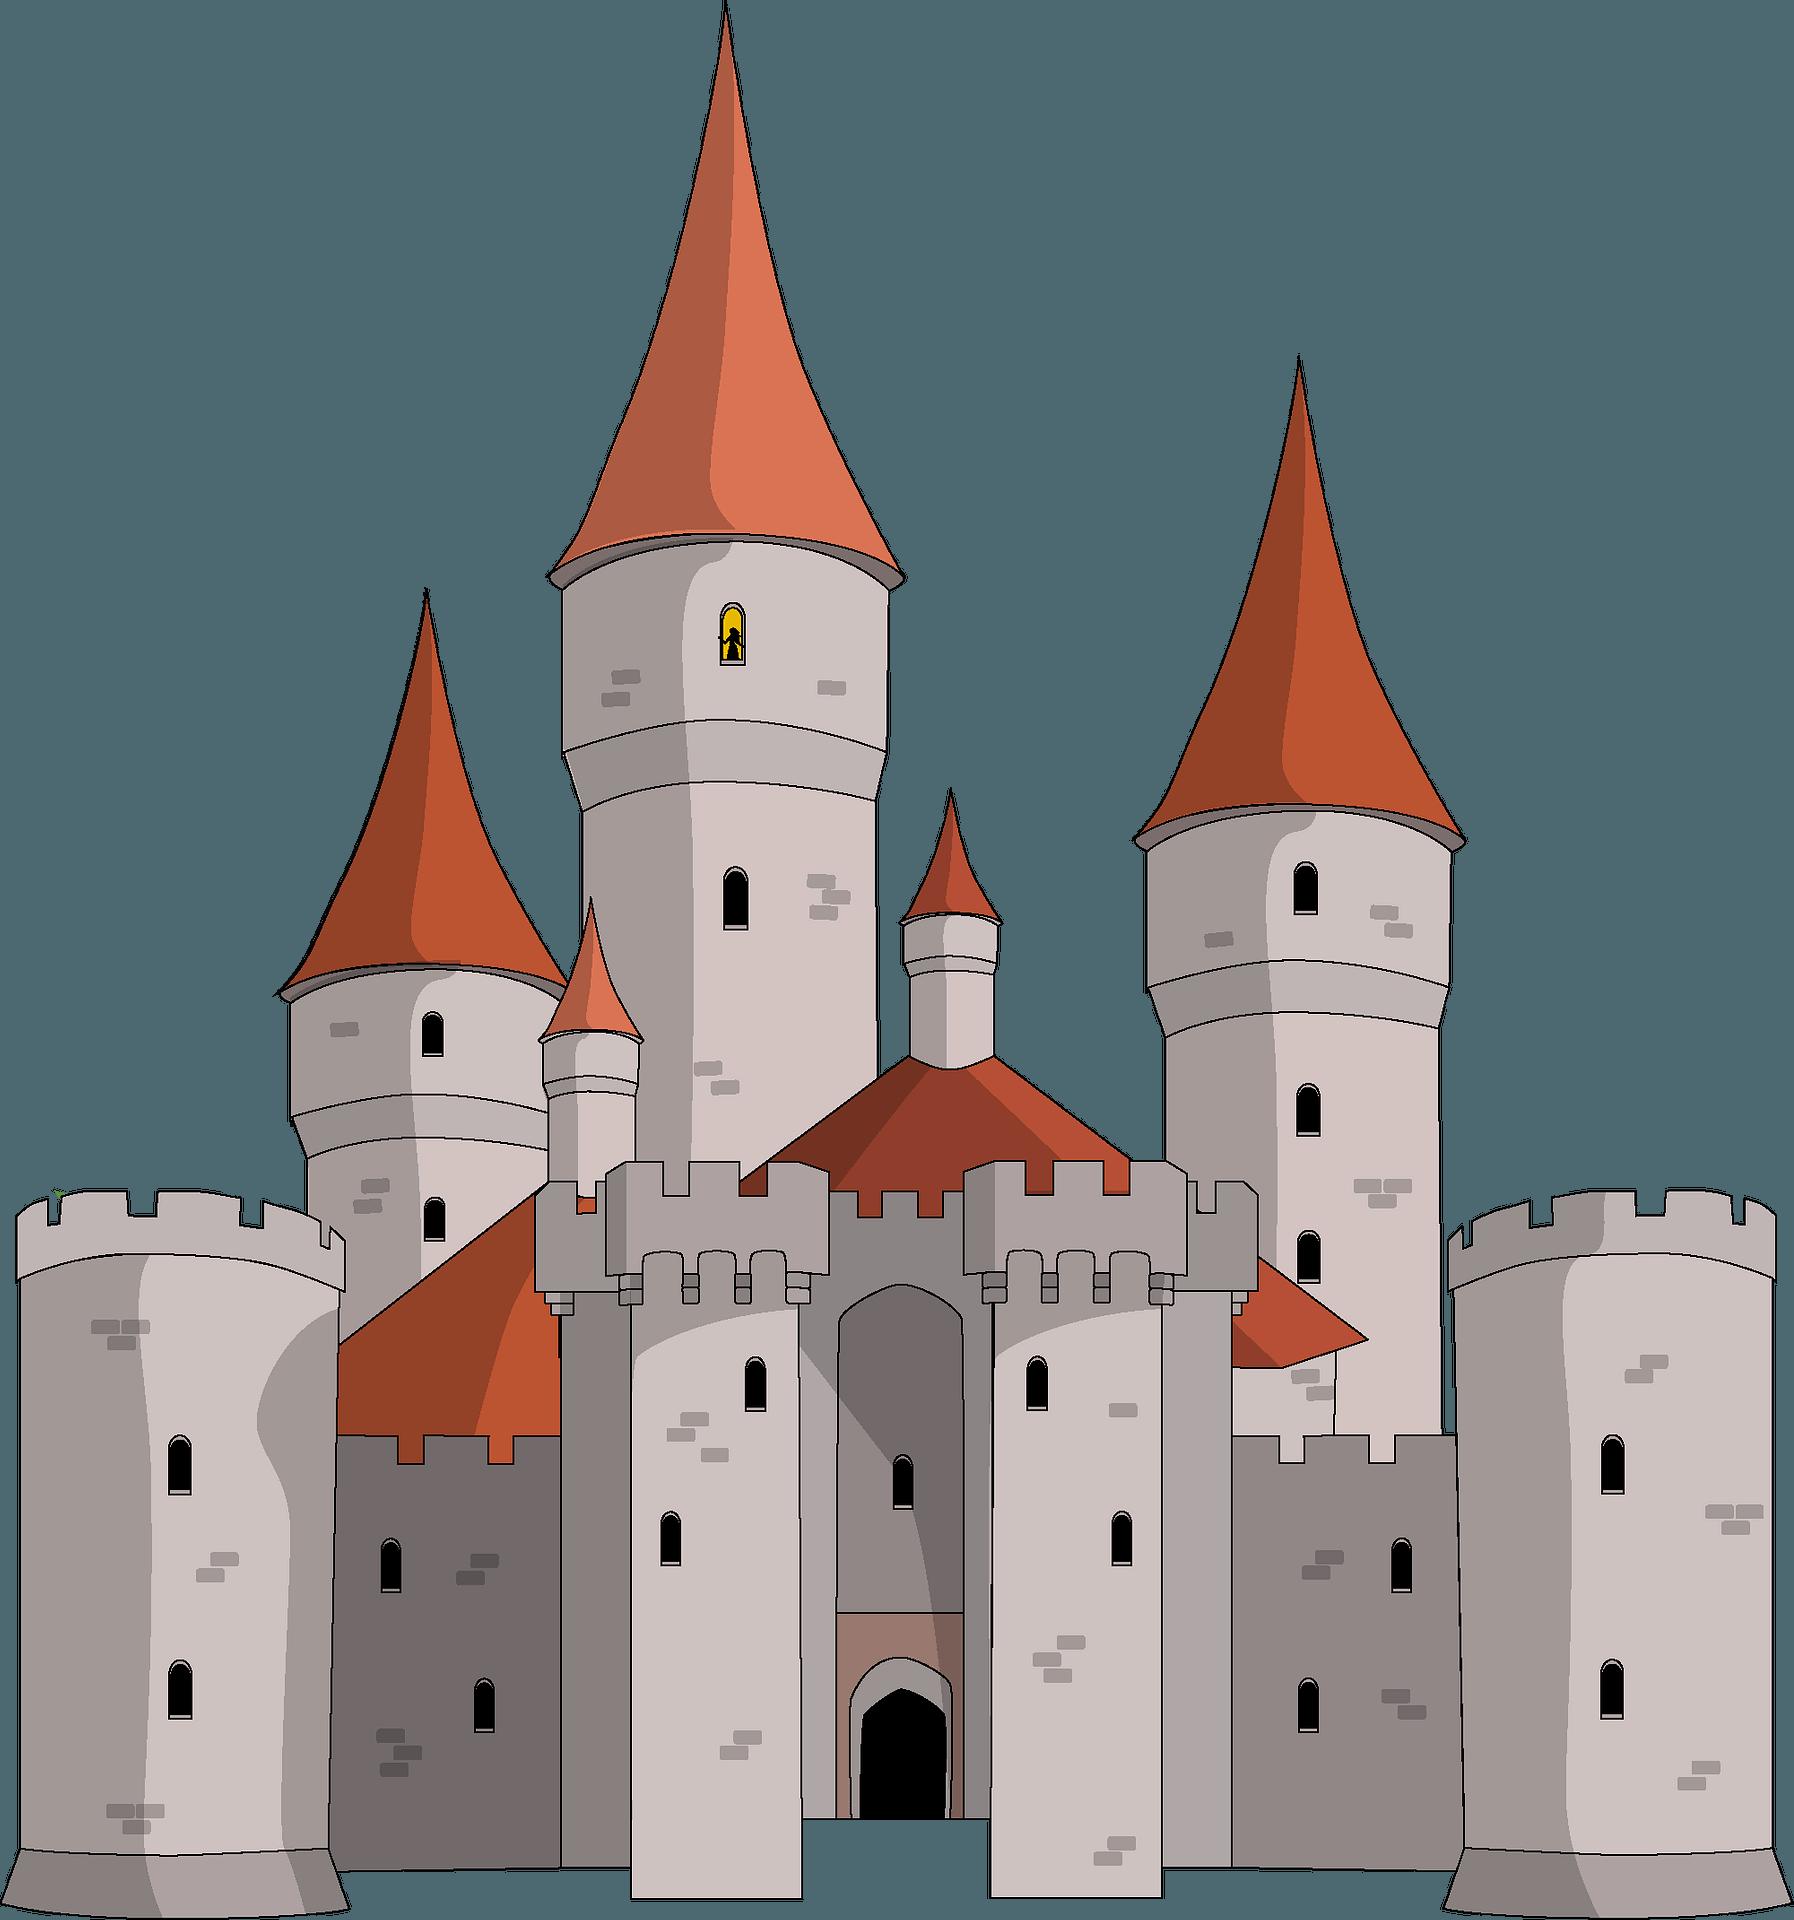 Castle Clipart Free Download Transparent Png Creazilla Castle Clipart Clip Art Castle